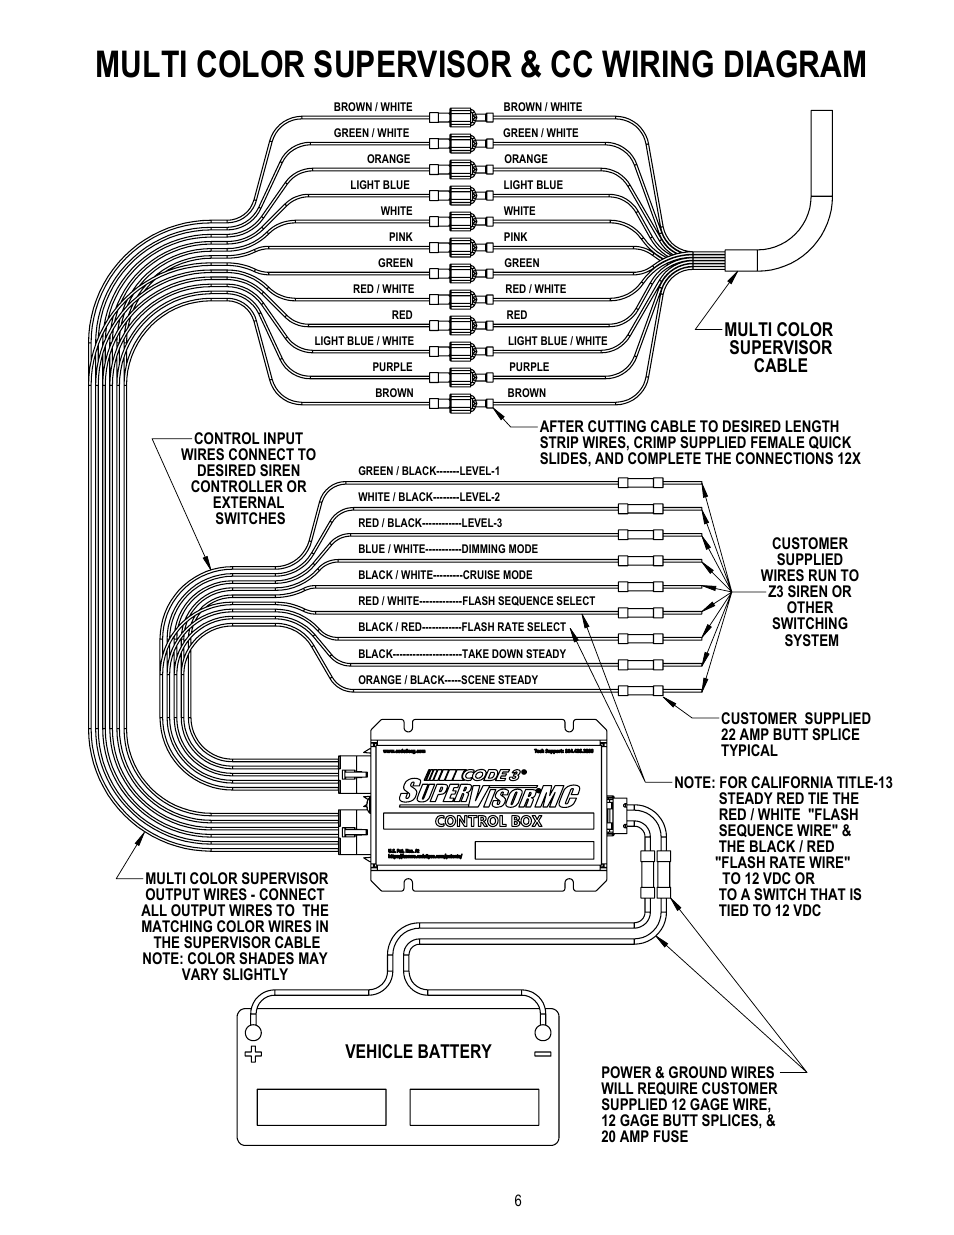 Code 3 Led X 2100 Wiring Diagram - Neomarine.co.uk • Code Model L Wiring Diagram on alpine stereo wiring diagram, radio wiring diagram, 98 mazda stereo wiring diagram, code 3 3892l6 manual, model a wiring diagram, e30 stereo wiring diagram, code alarm wiring diagram, cobra car alarm wiring diagram,